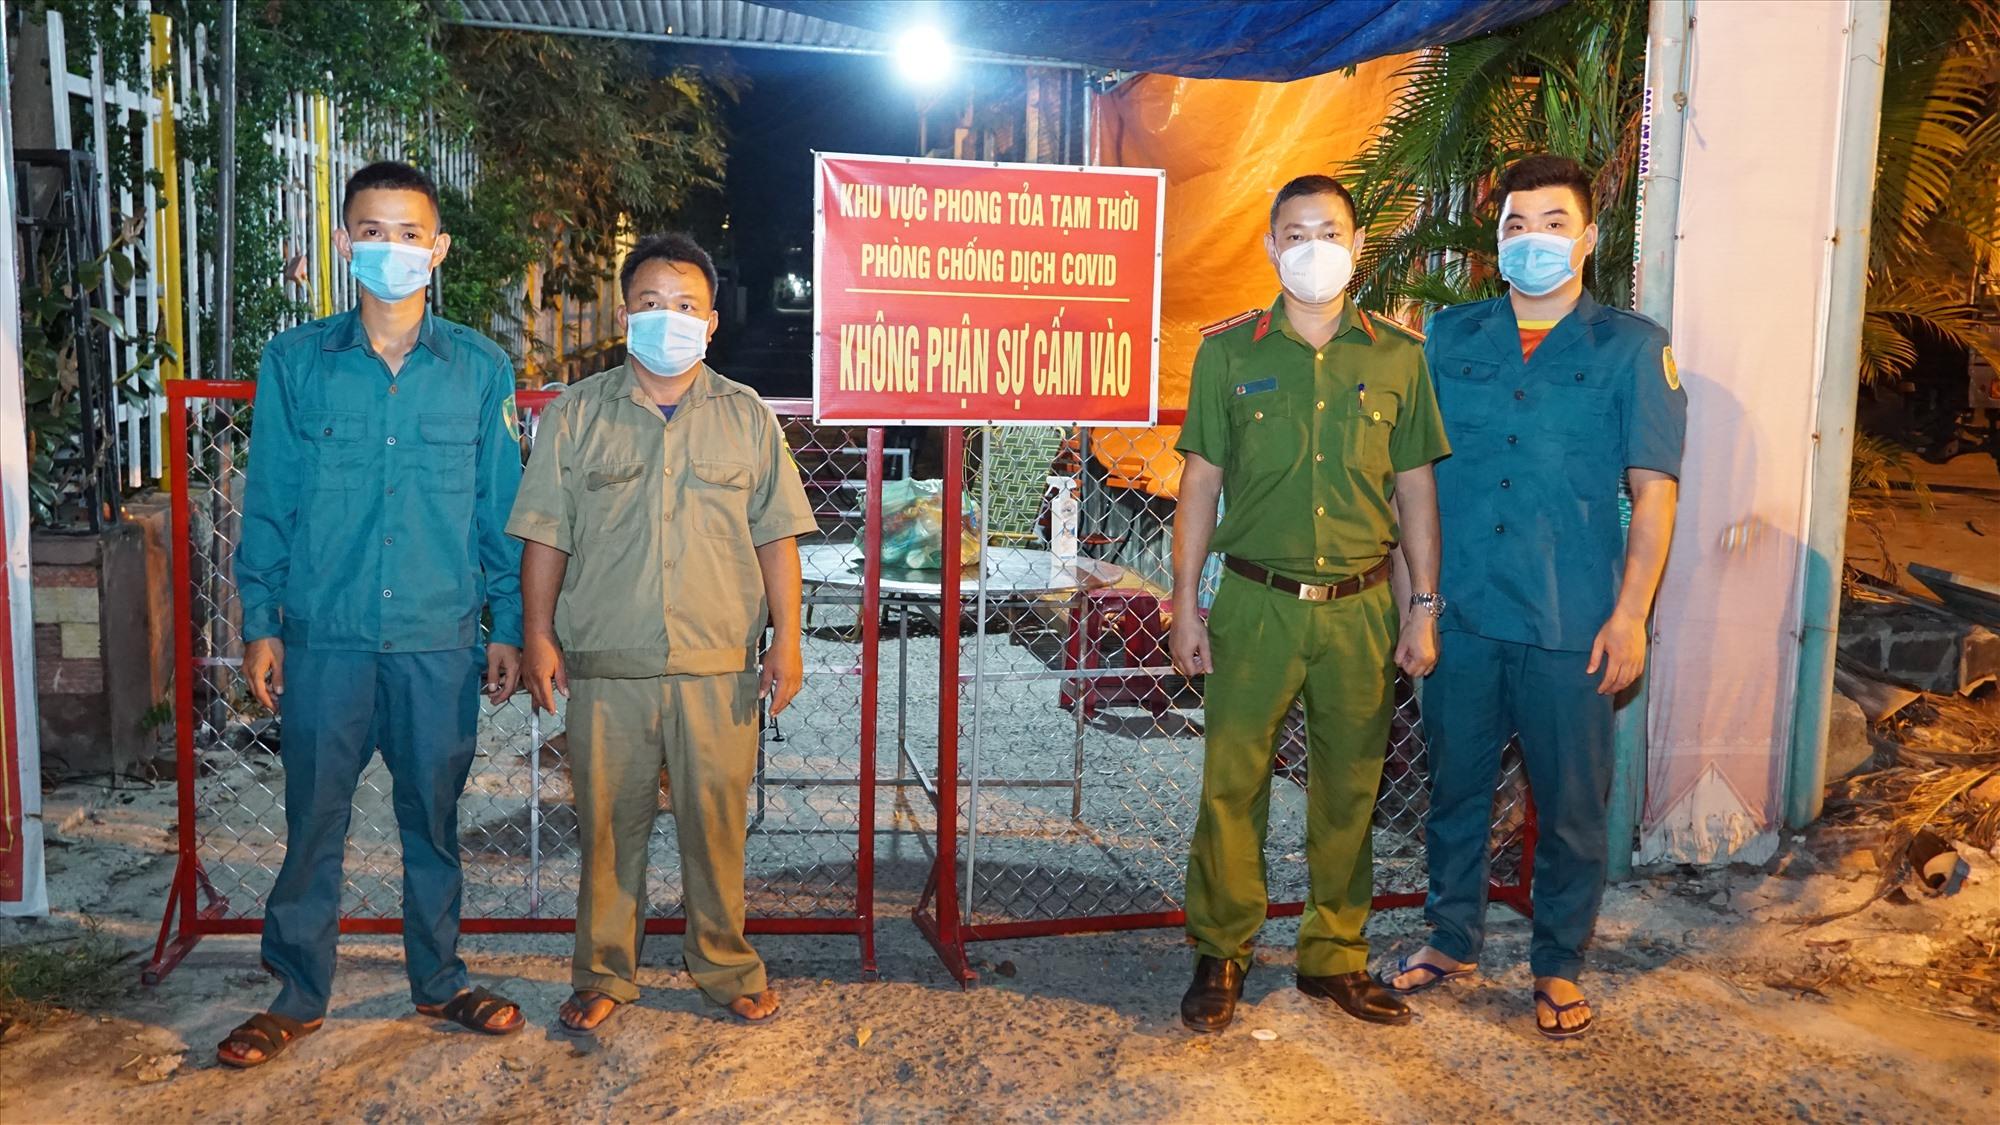 Lực lượng chức năng triển khai chốt phong tỏa ở khối phố 2A, phường Điện Nam Bắc tại khu vực nhà bệnh nhân M.